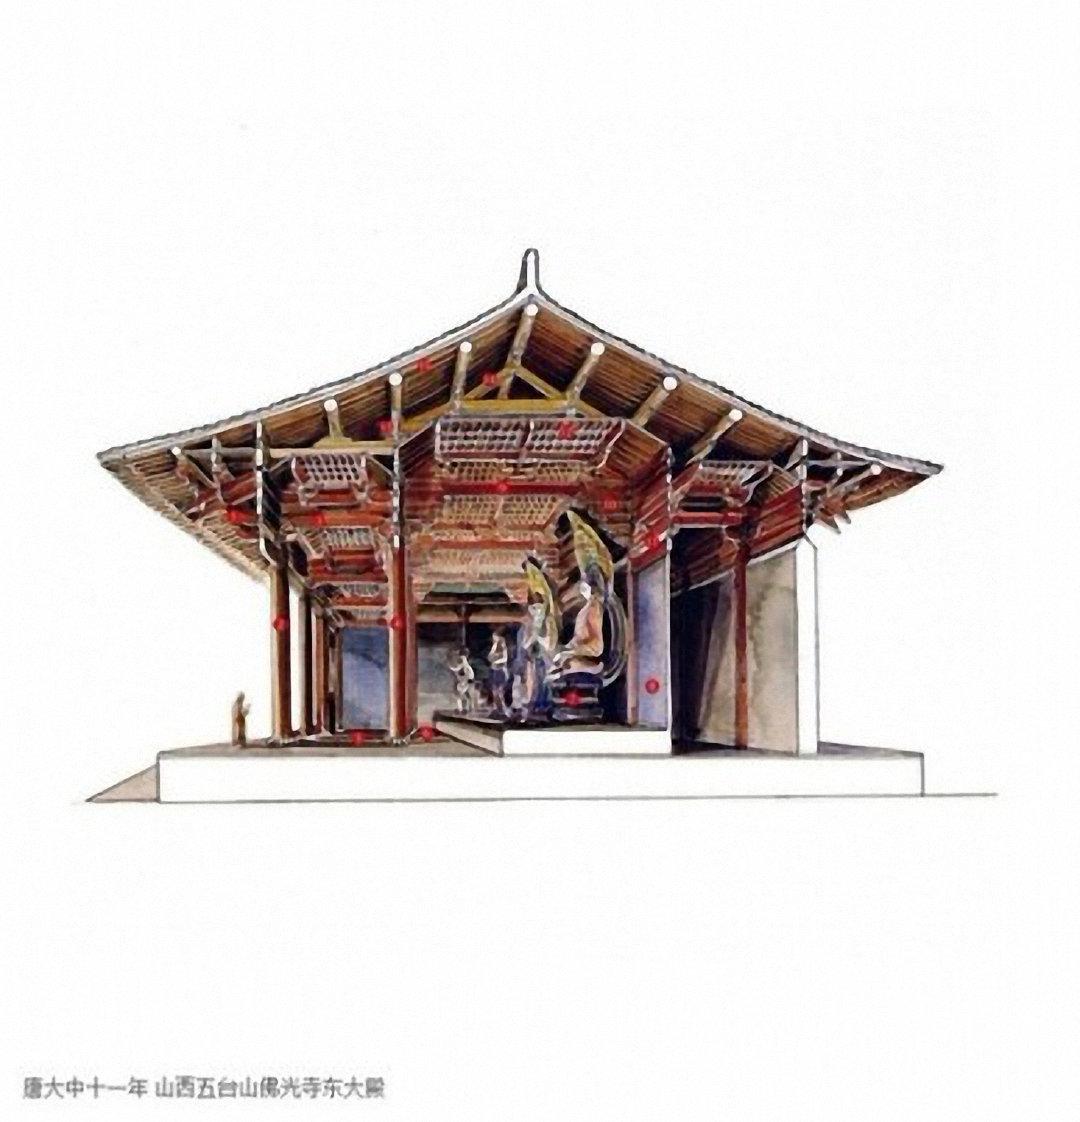 剖视中国经典古建筑丨李乾朗